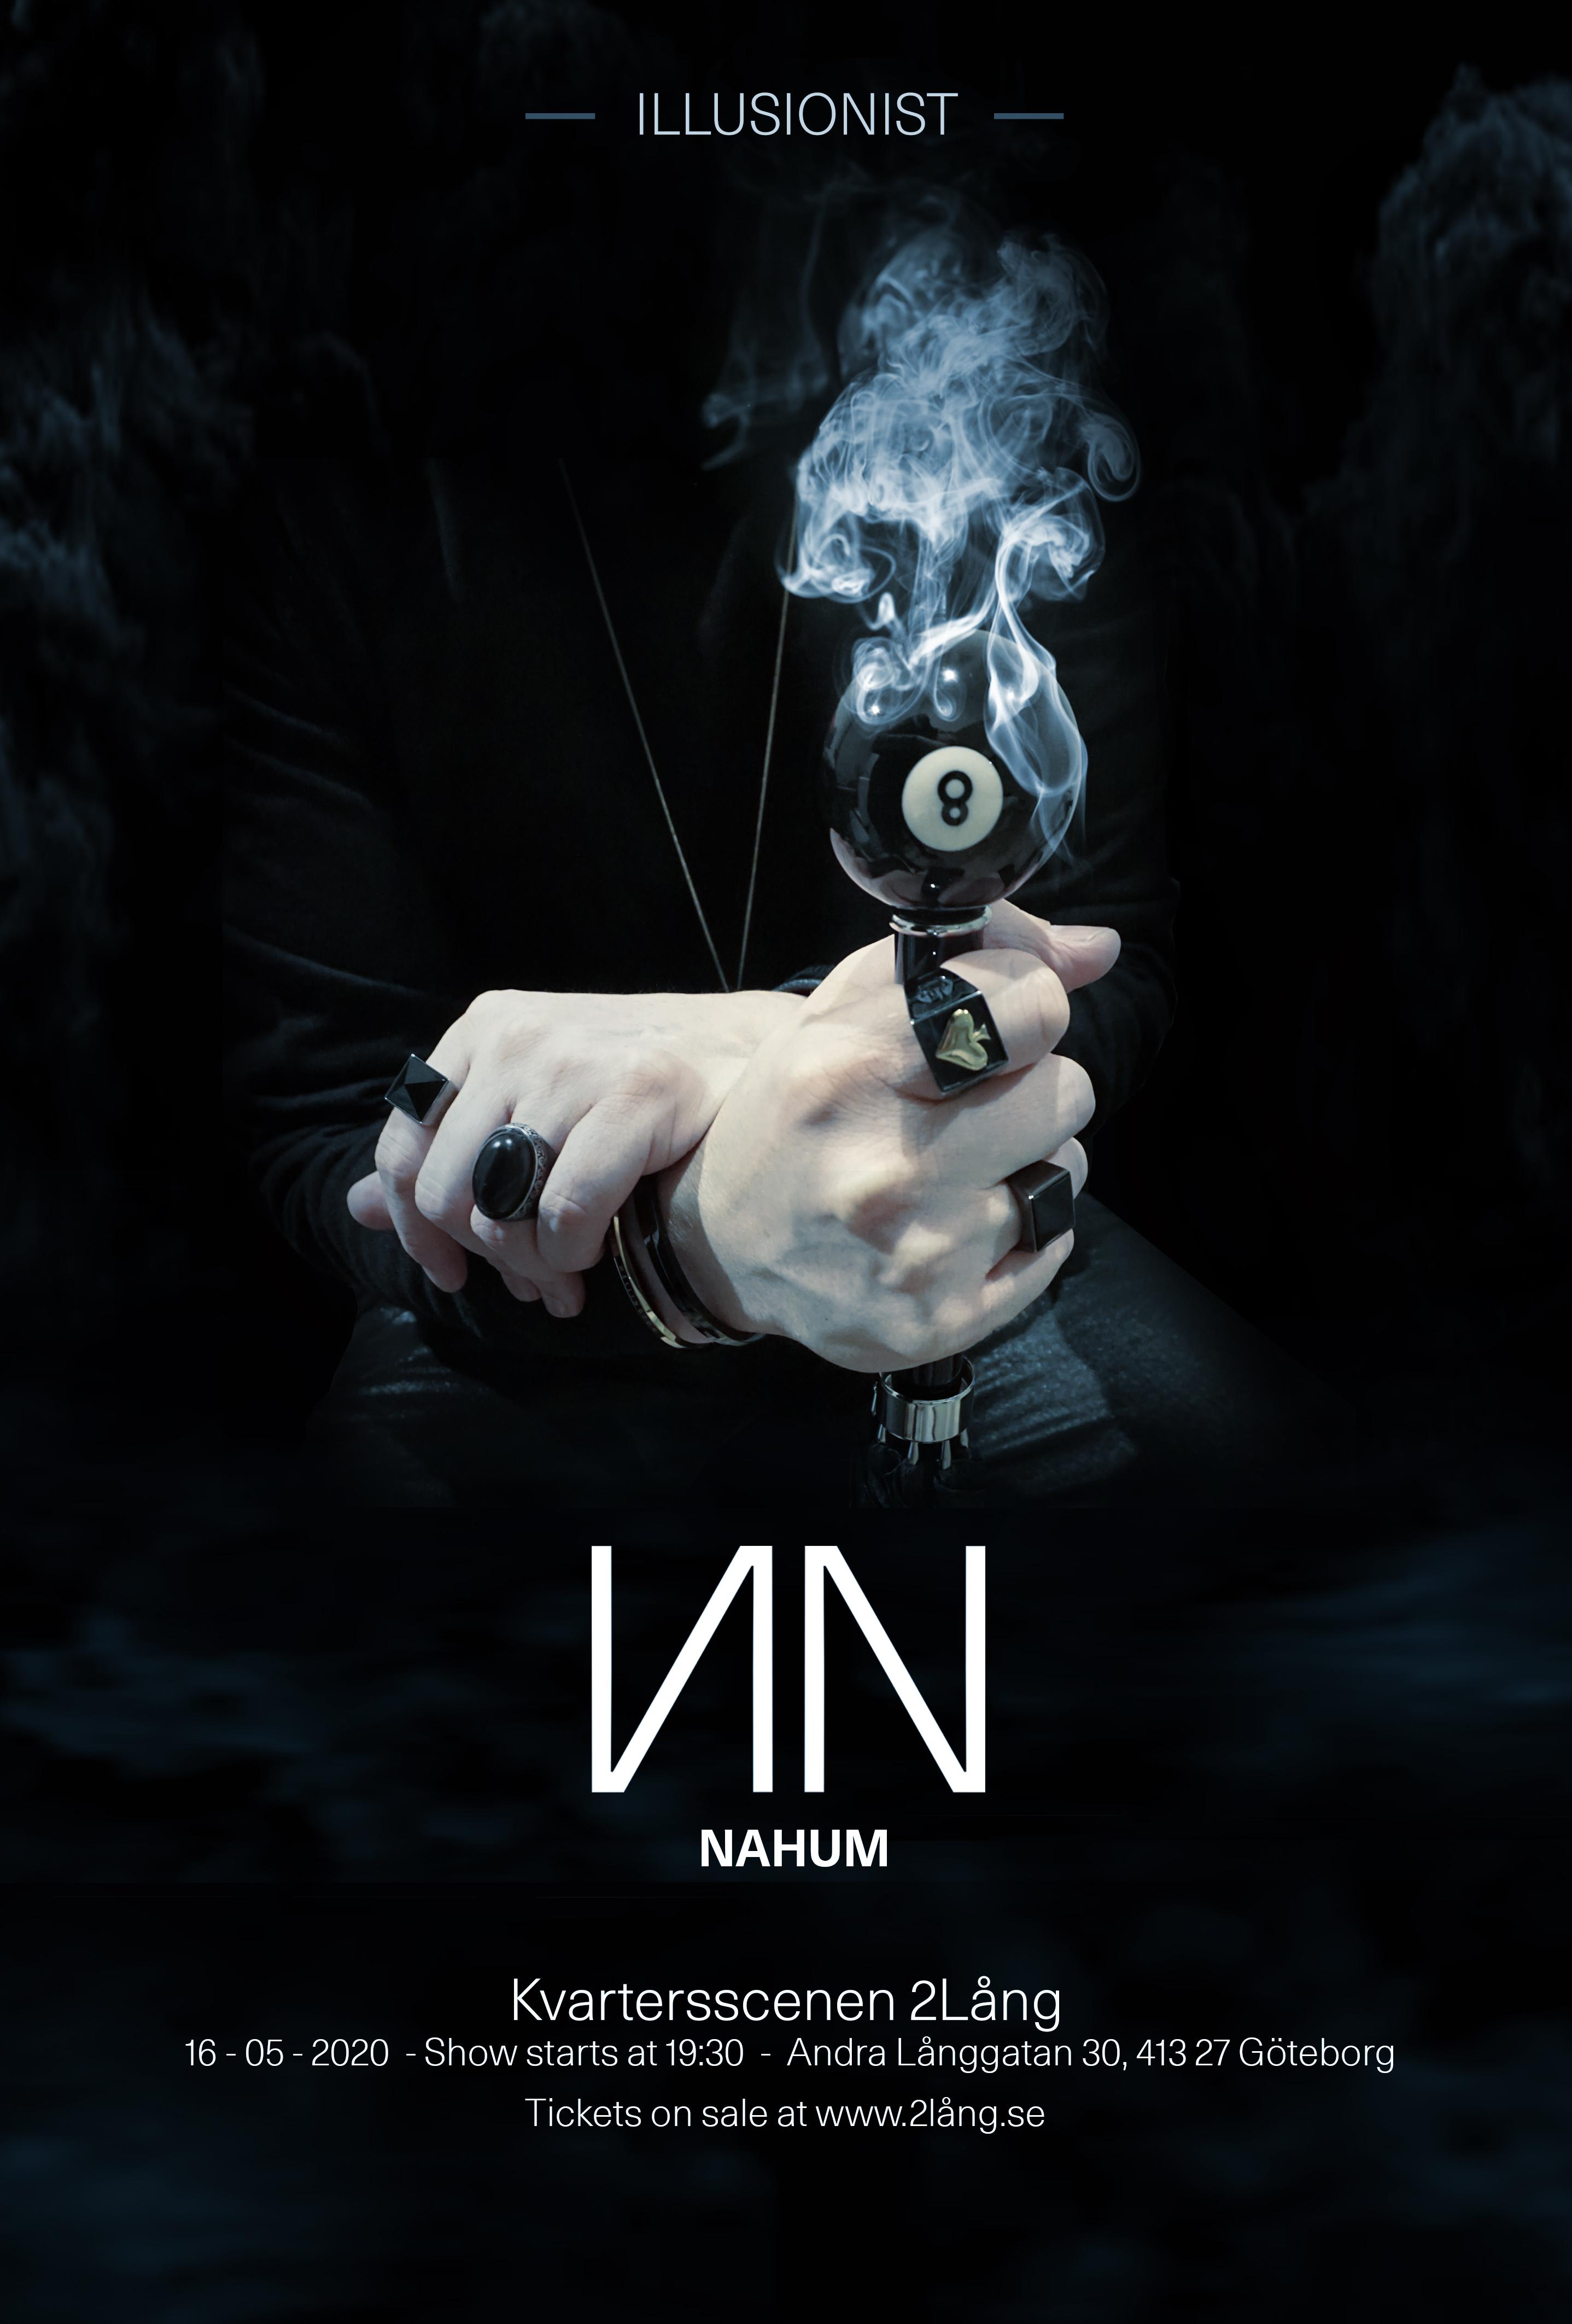 Nahum - Illusionist